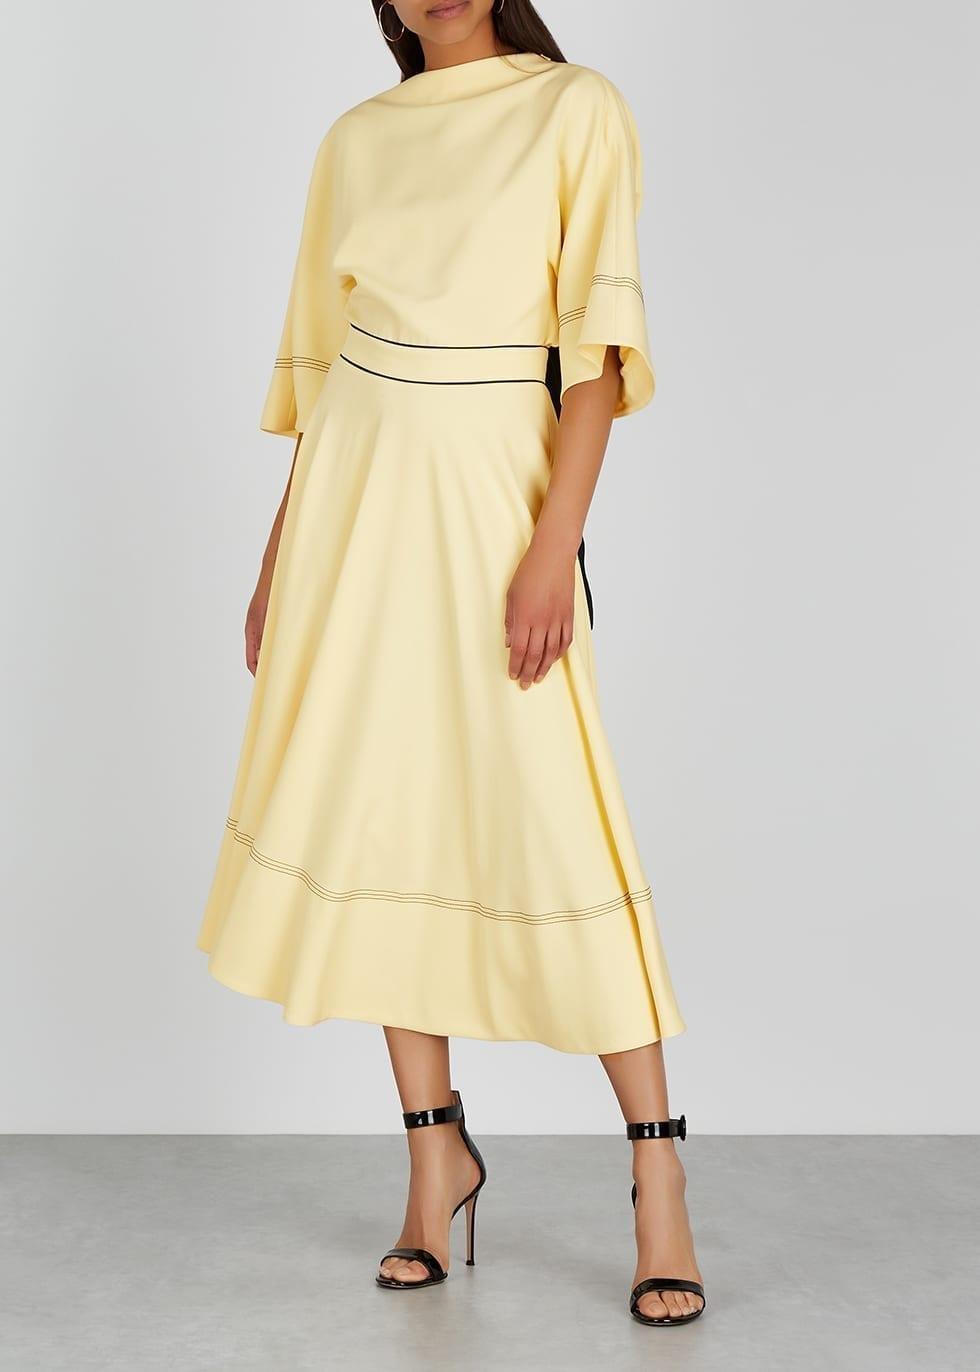 ROKSANDA Dara Yellow Crepe Dress